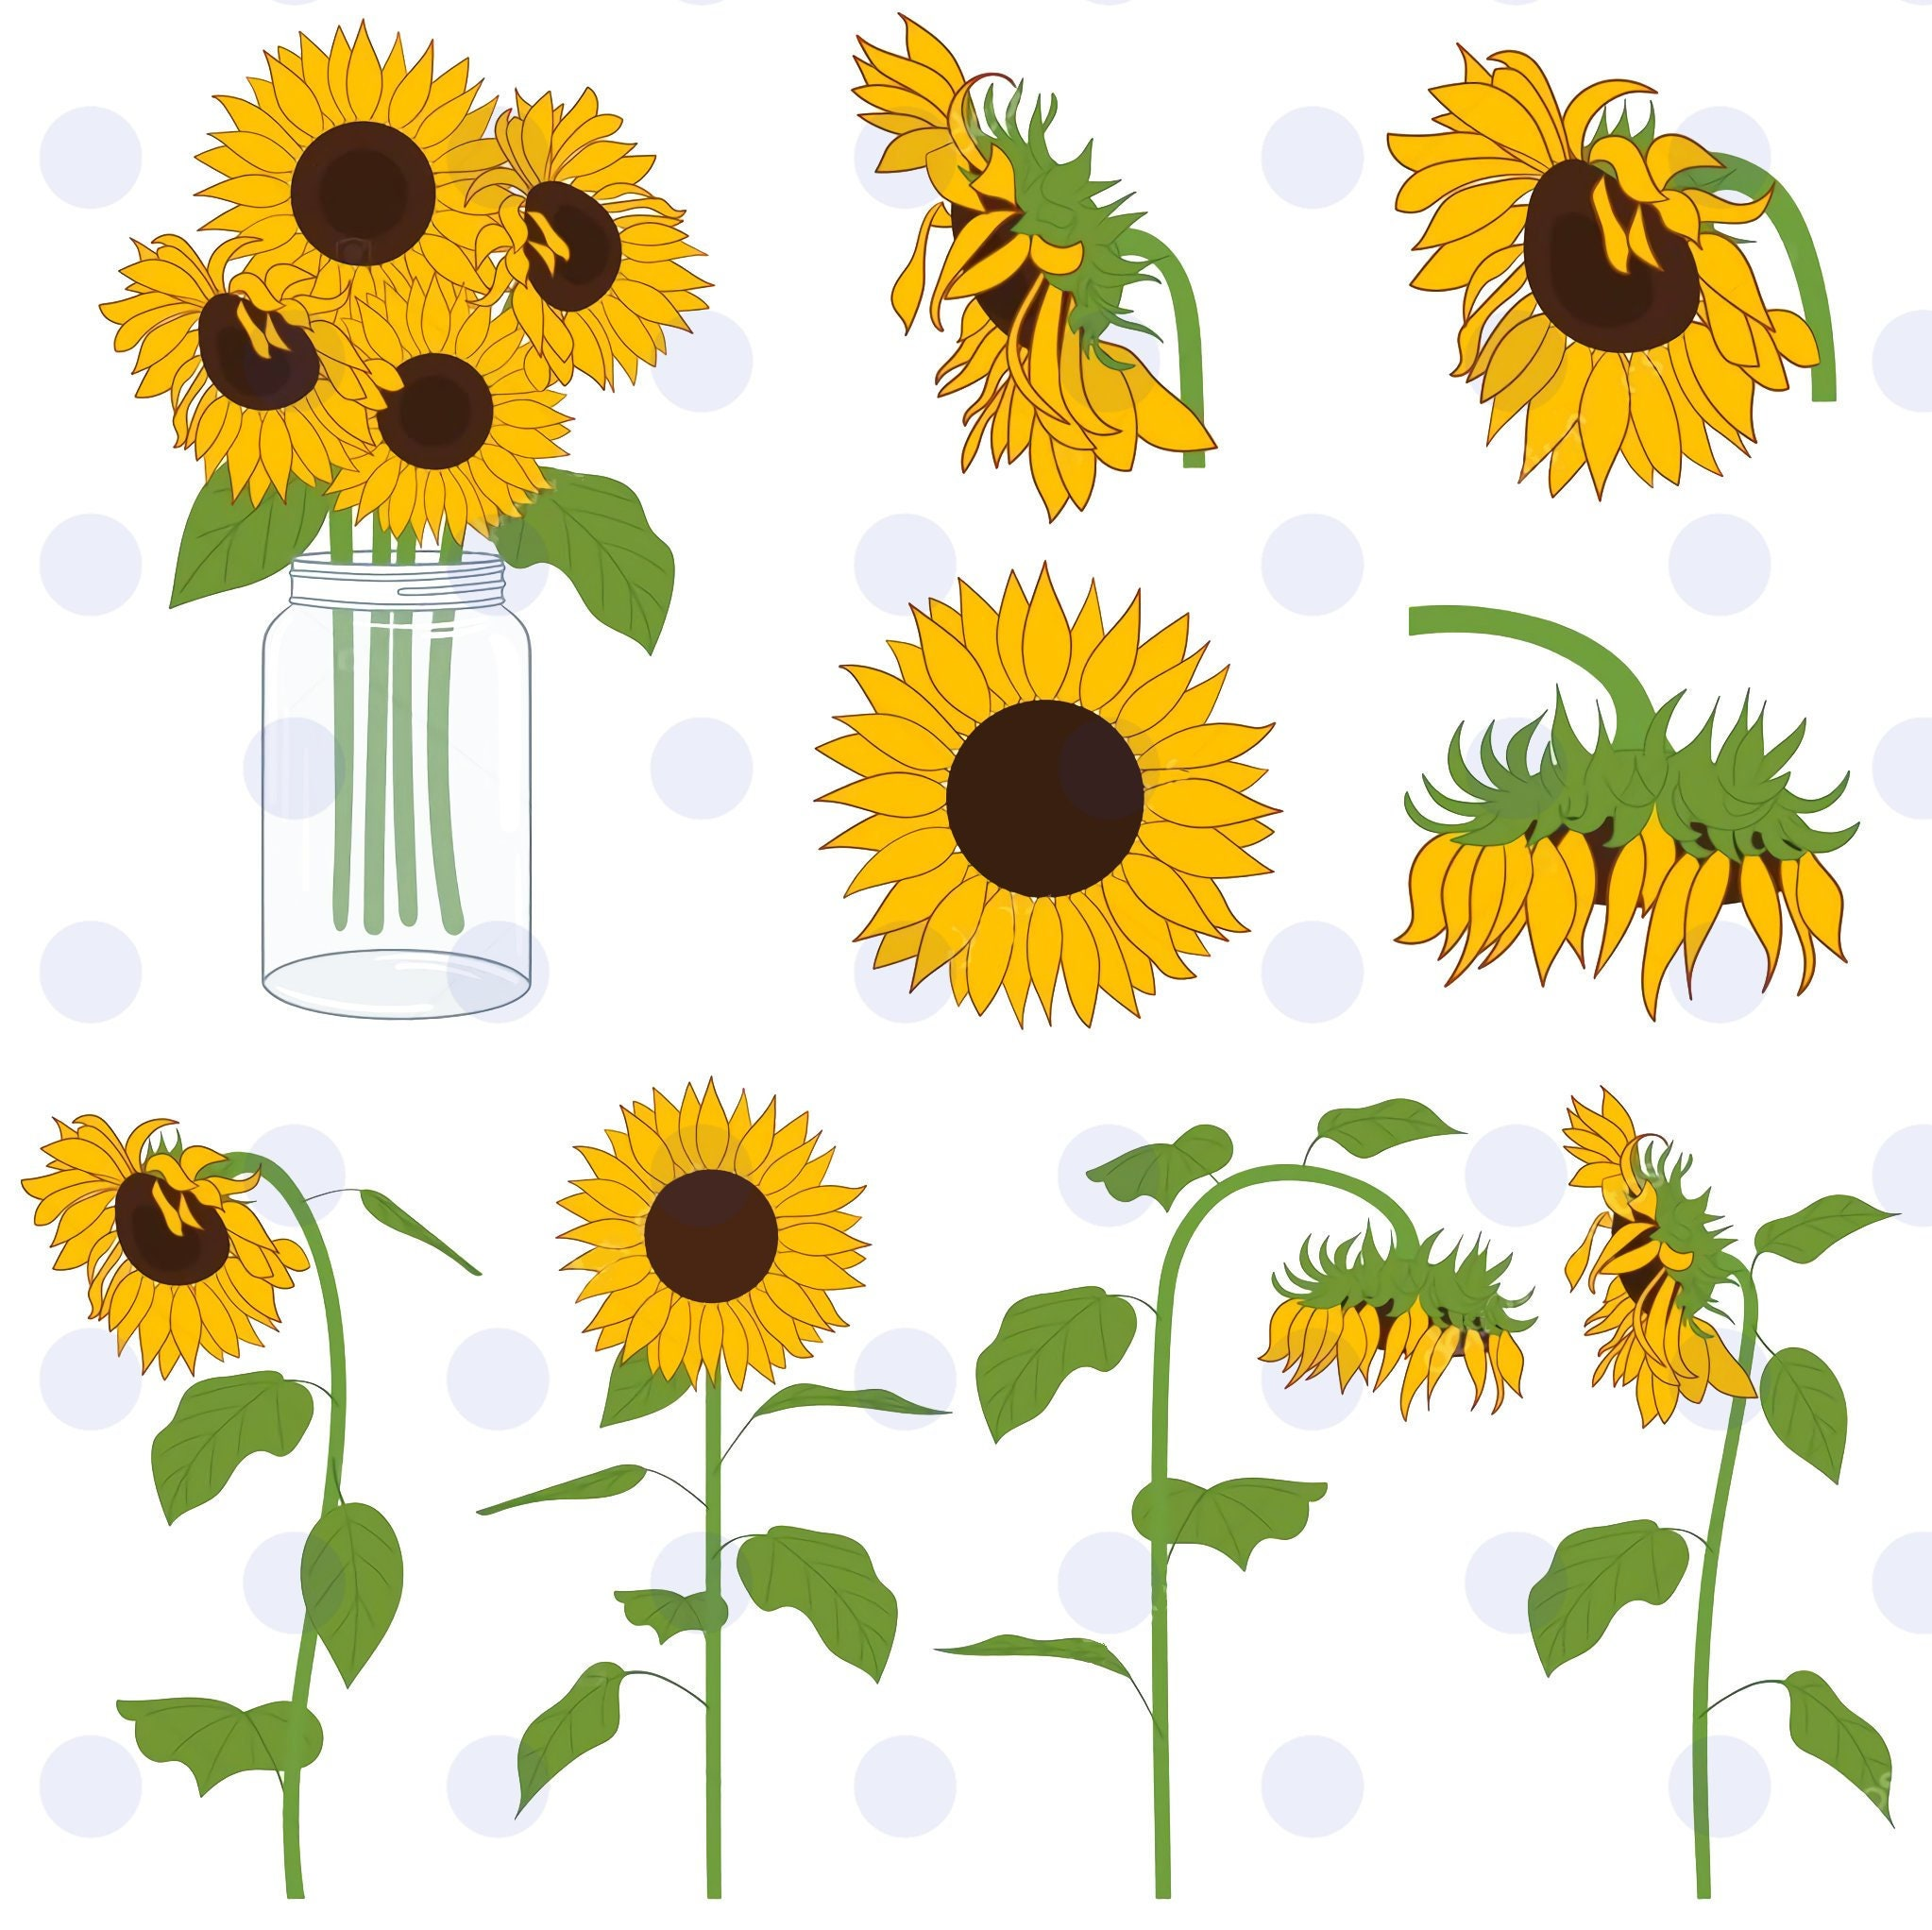 Free Svg Sunflower Vector Sunflower File For Cricut - King ...